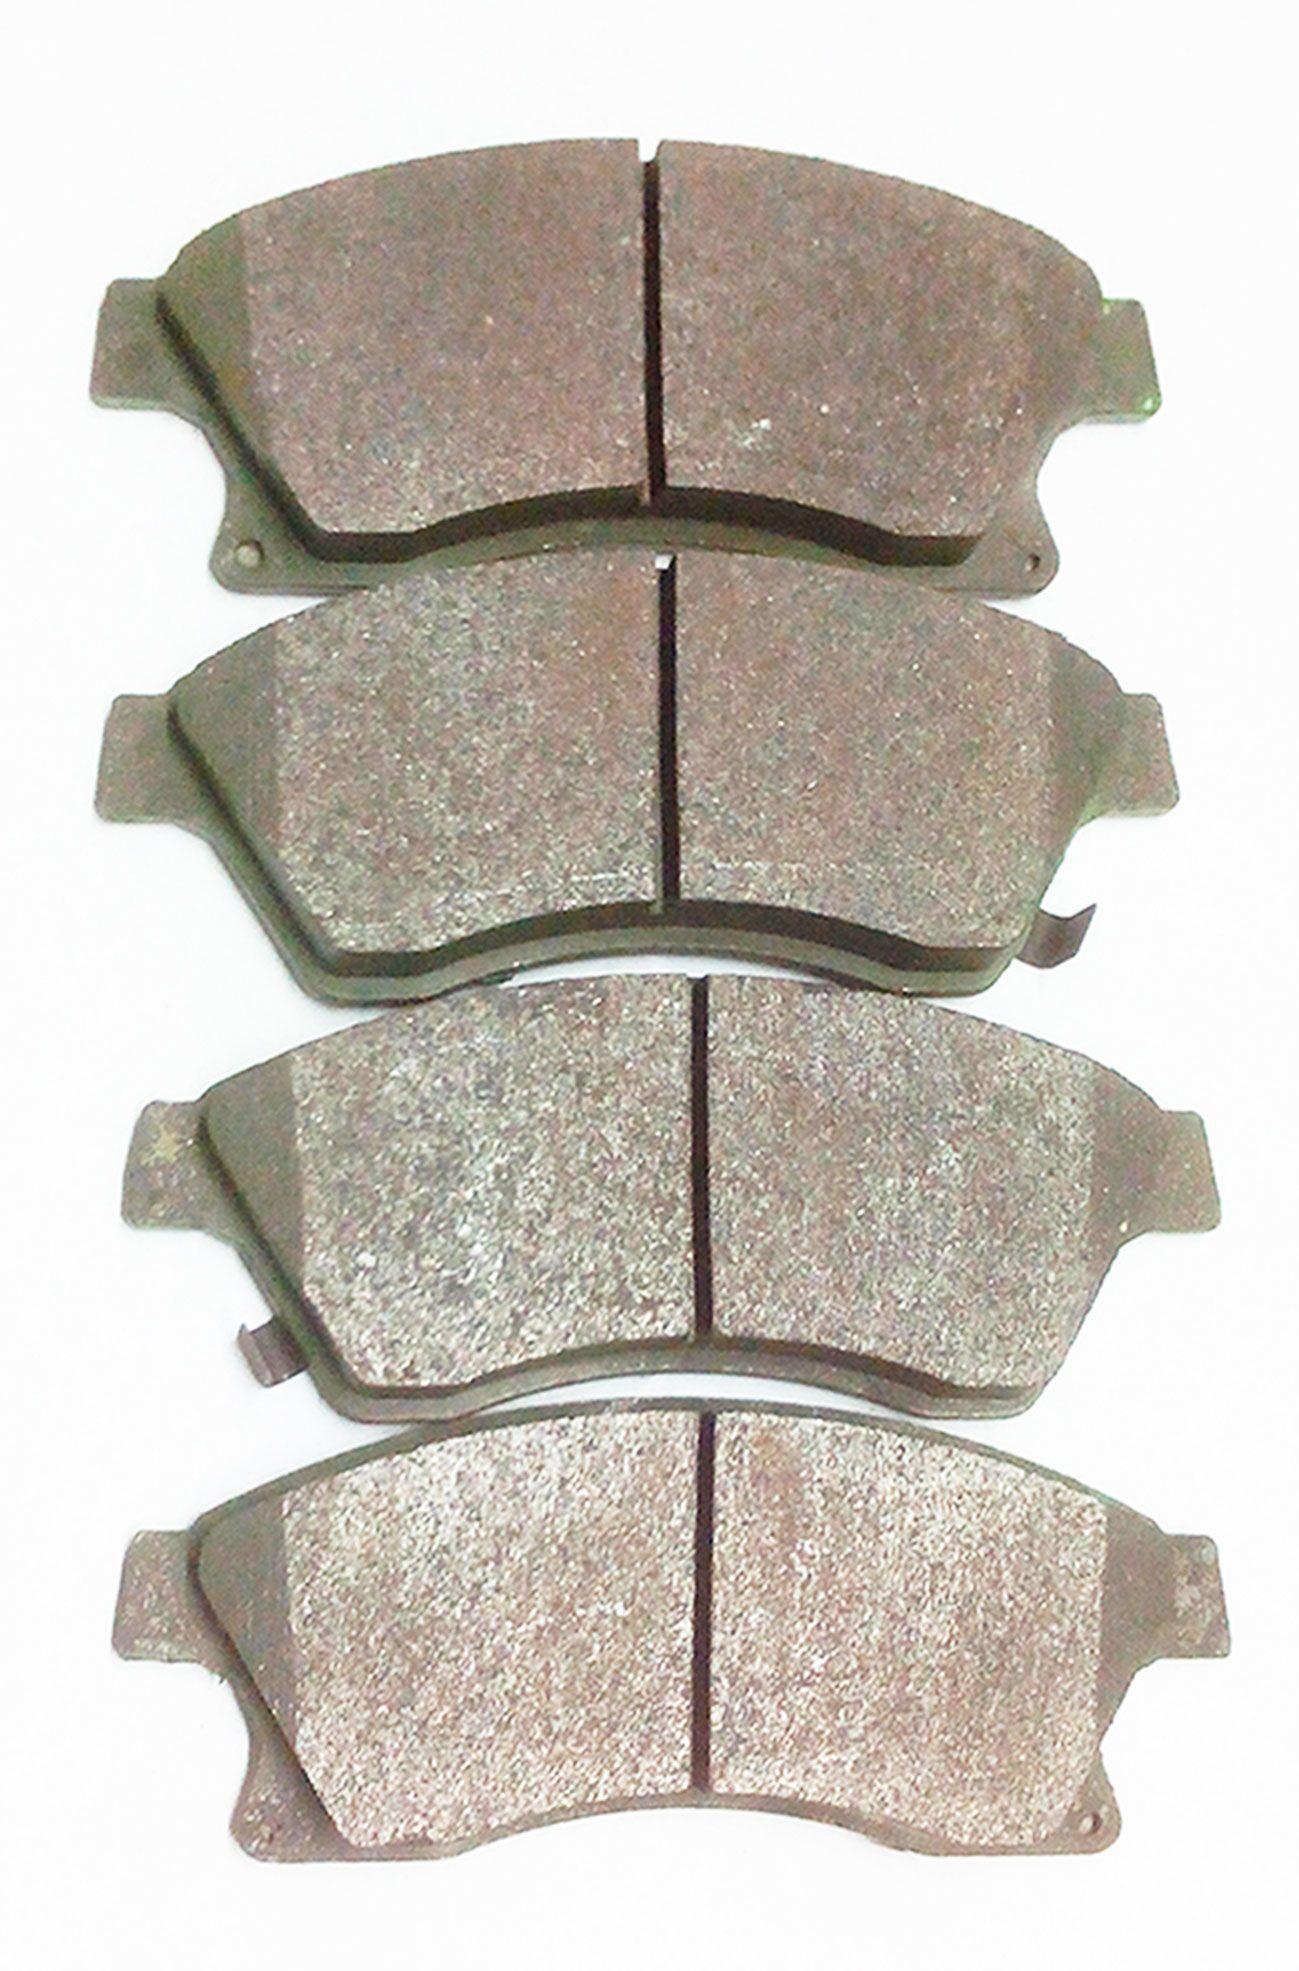 Brake pad-TATA INDIGO TURBO TDI / INDIGO CS (FRONT)